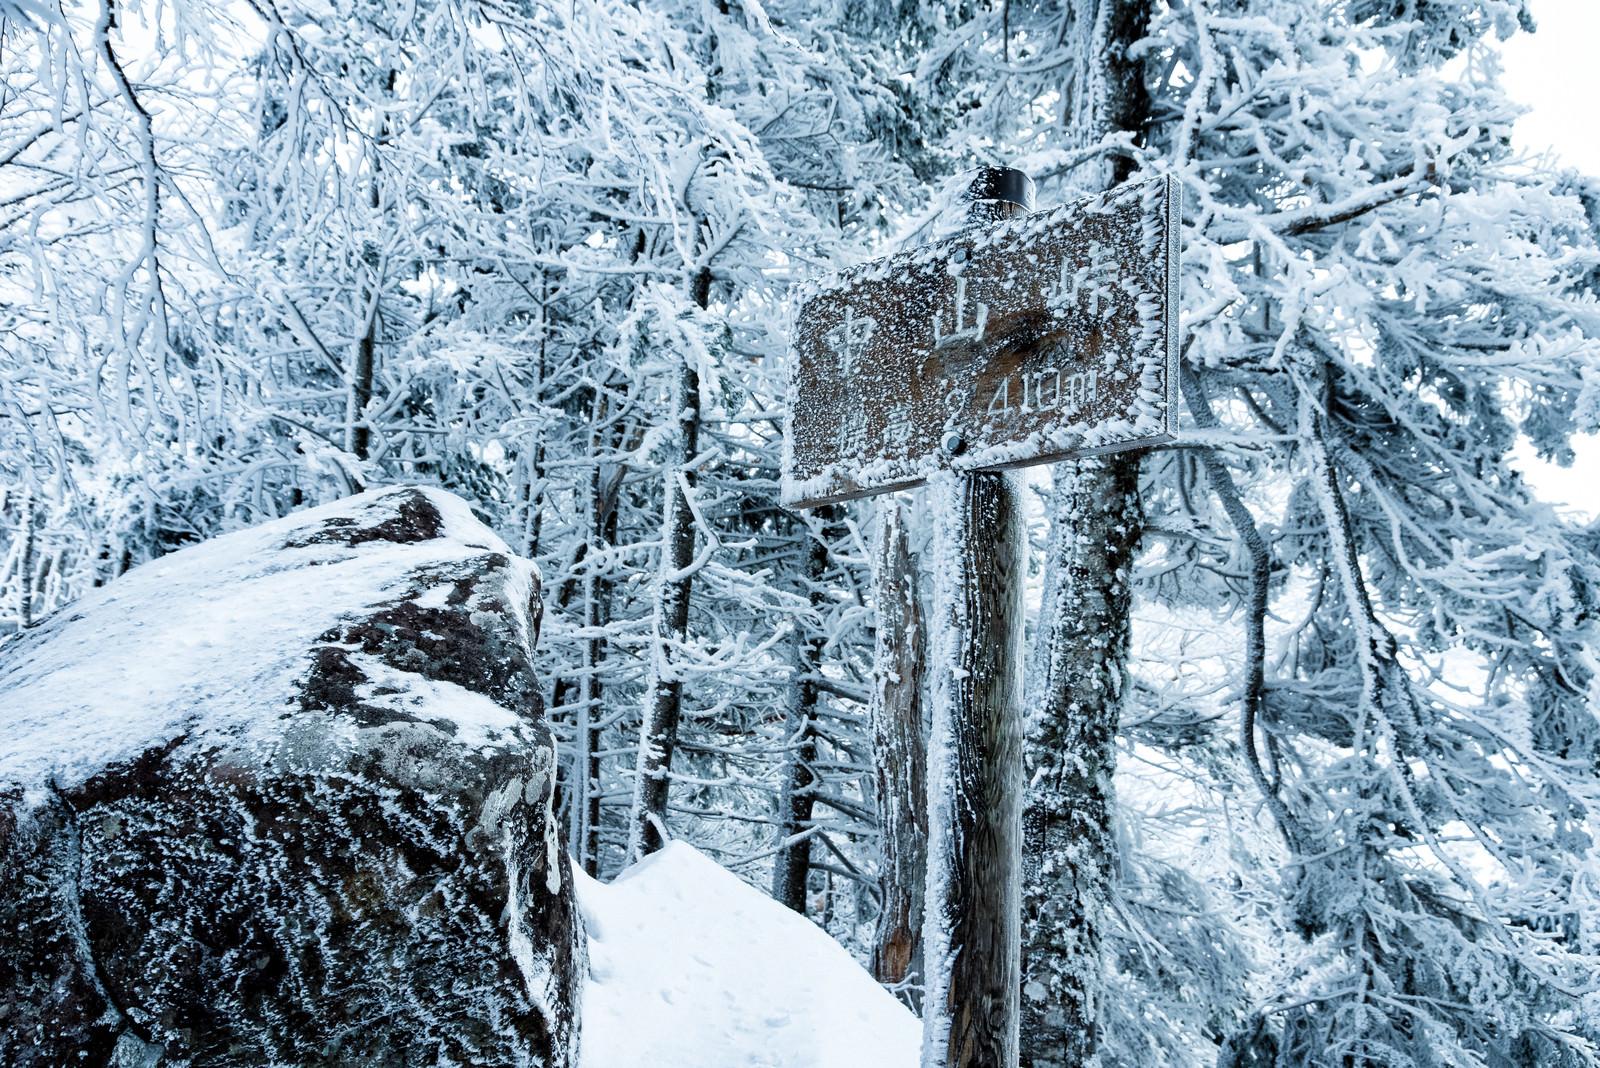 「標高を示す凍りついた看板(中山峠)」の写真